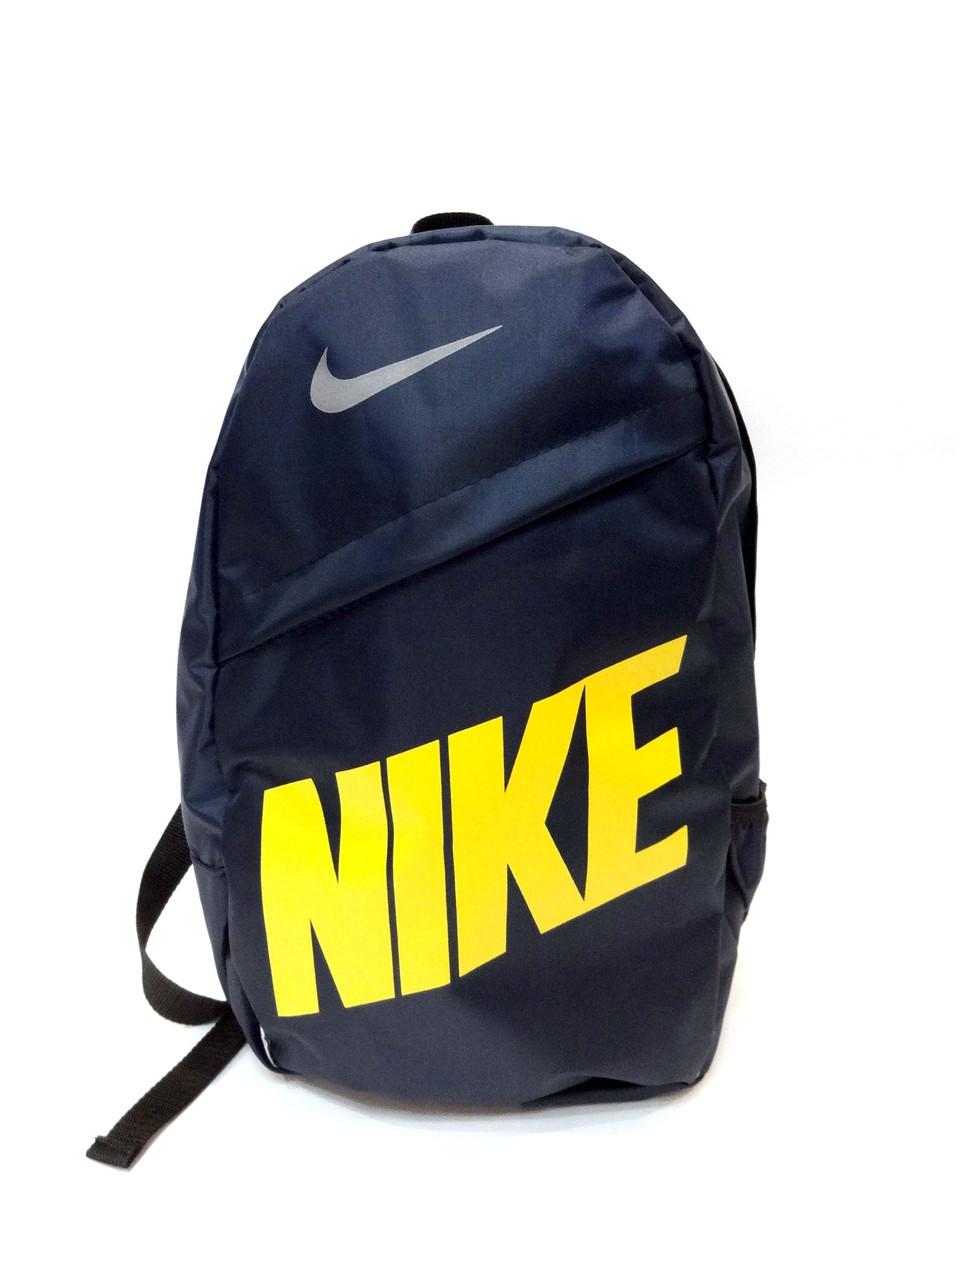 Спортивний рюкзак портфель Nike (Найк) молодіжний. Синій з жовтим принтом репліка